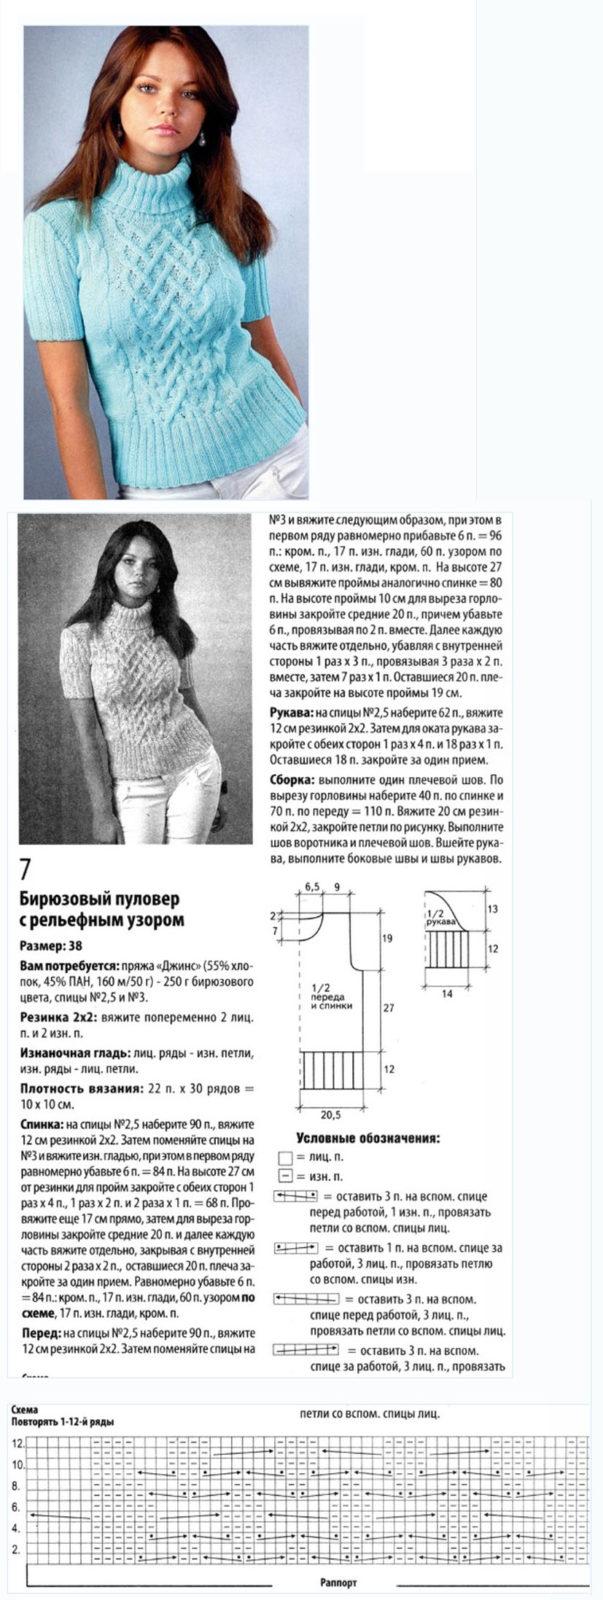 Женский пуловер спицами 2018 - бирюзовый